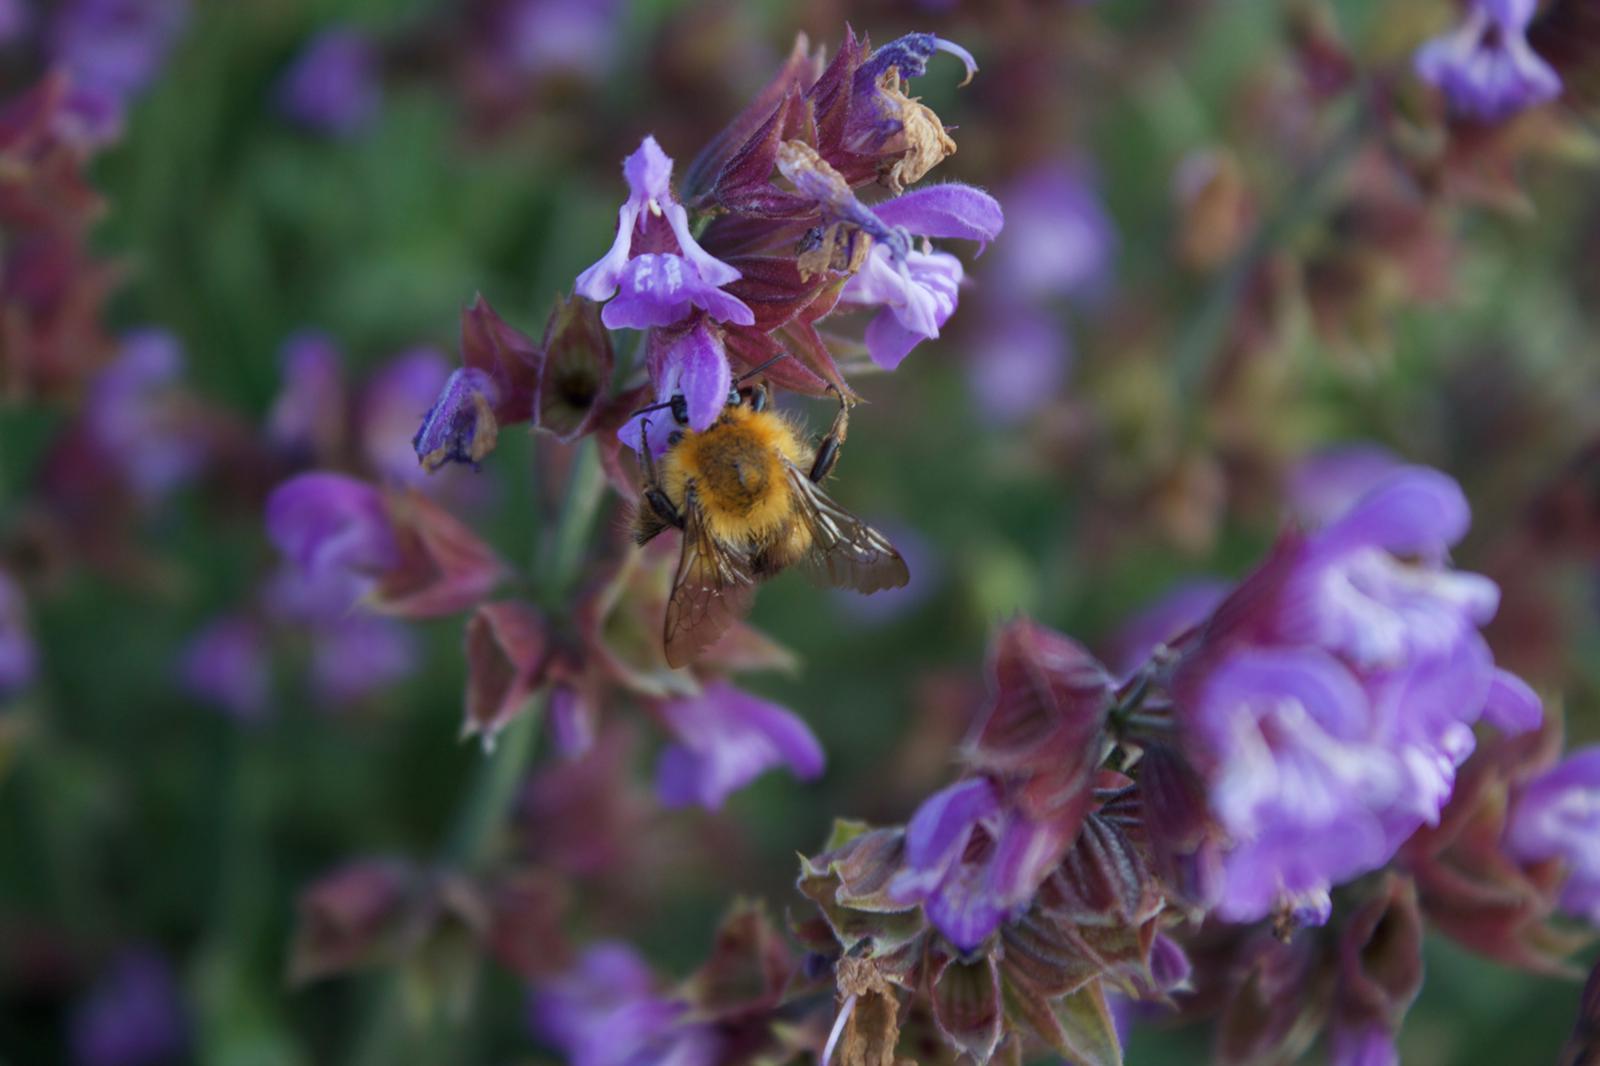 Cerco apicoltori consapevoli